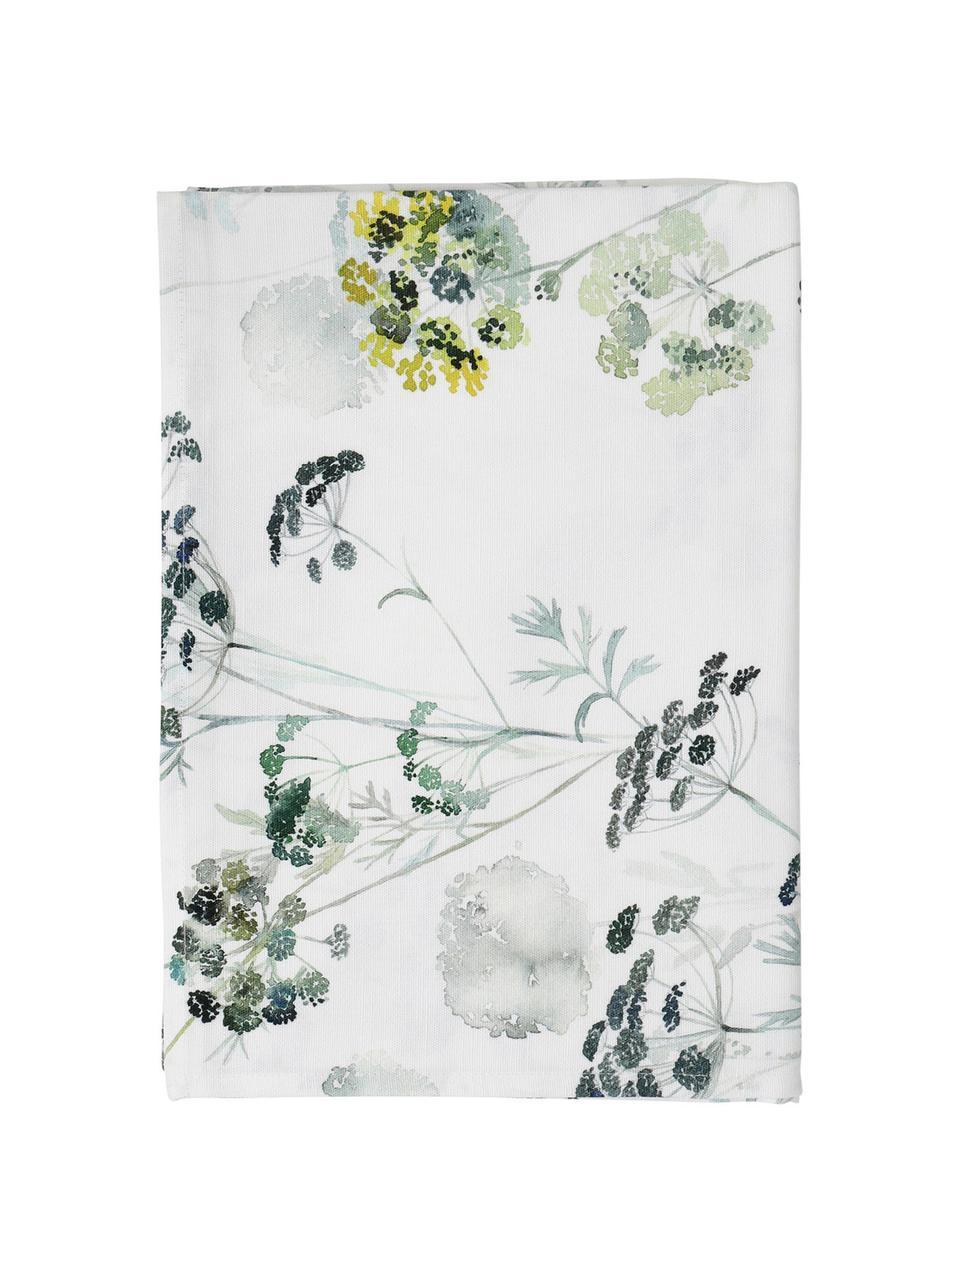 Obrus z bawełny Herbier, Bawełna, Biały, zielony, Dla 4-6 osób (S 160 x D 160 cm)